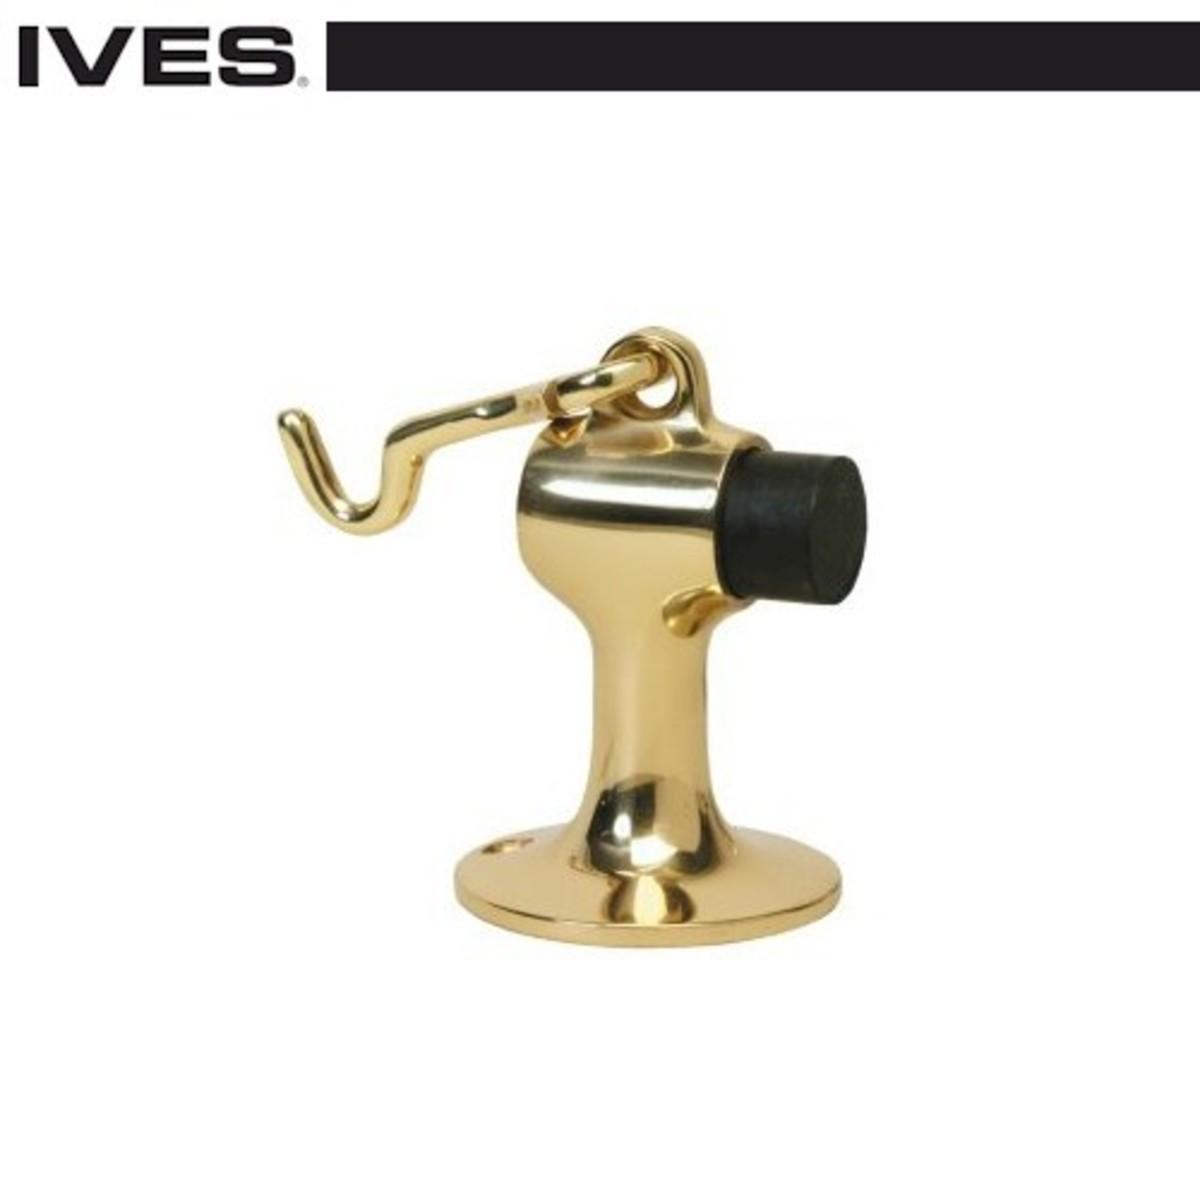 Ives FS446 door stop and holder.    Image source:  https://buydoorhardwarenow.com